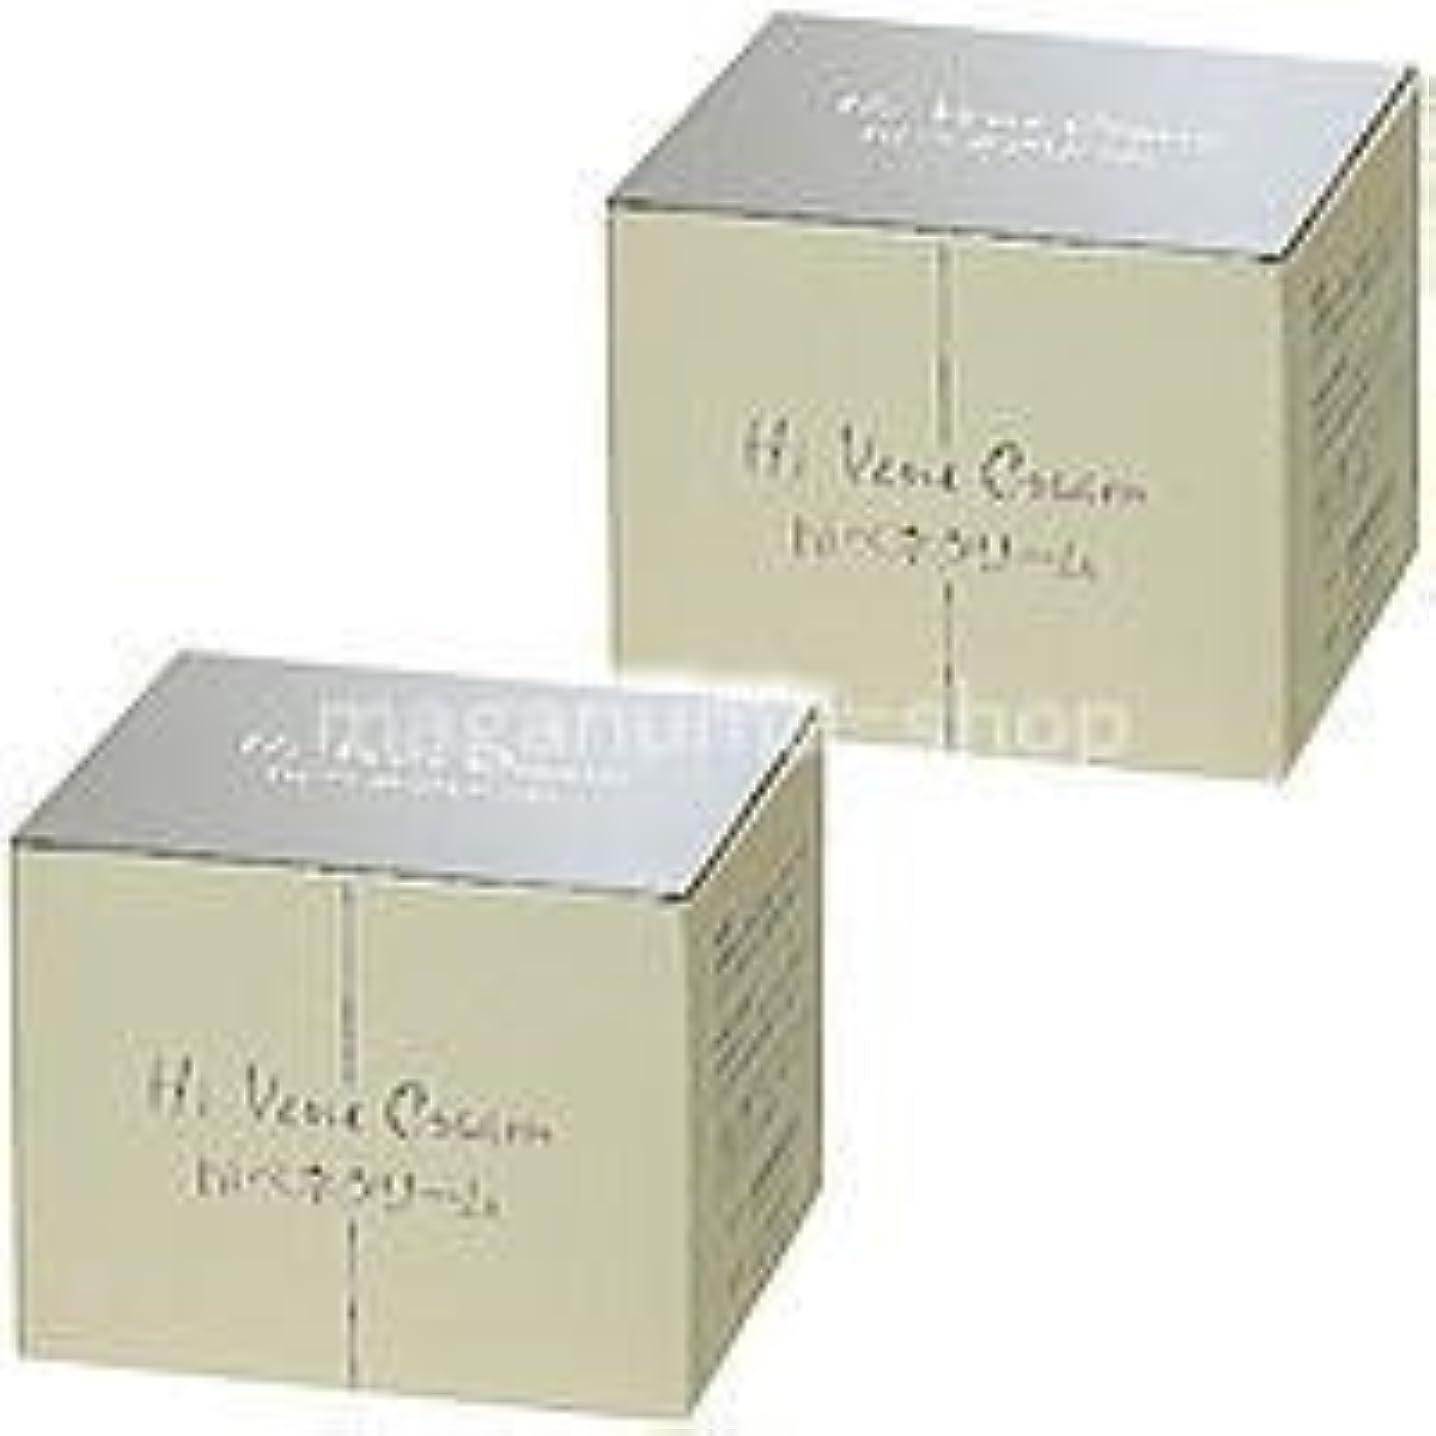 セラー暫定のオピエートサンケイ薬品 hiベネクリーム 2個 (ハイベネクリーム)